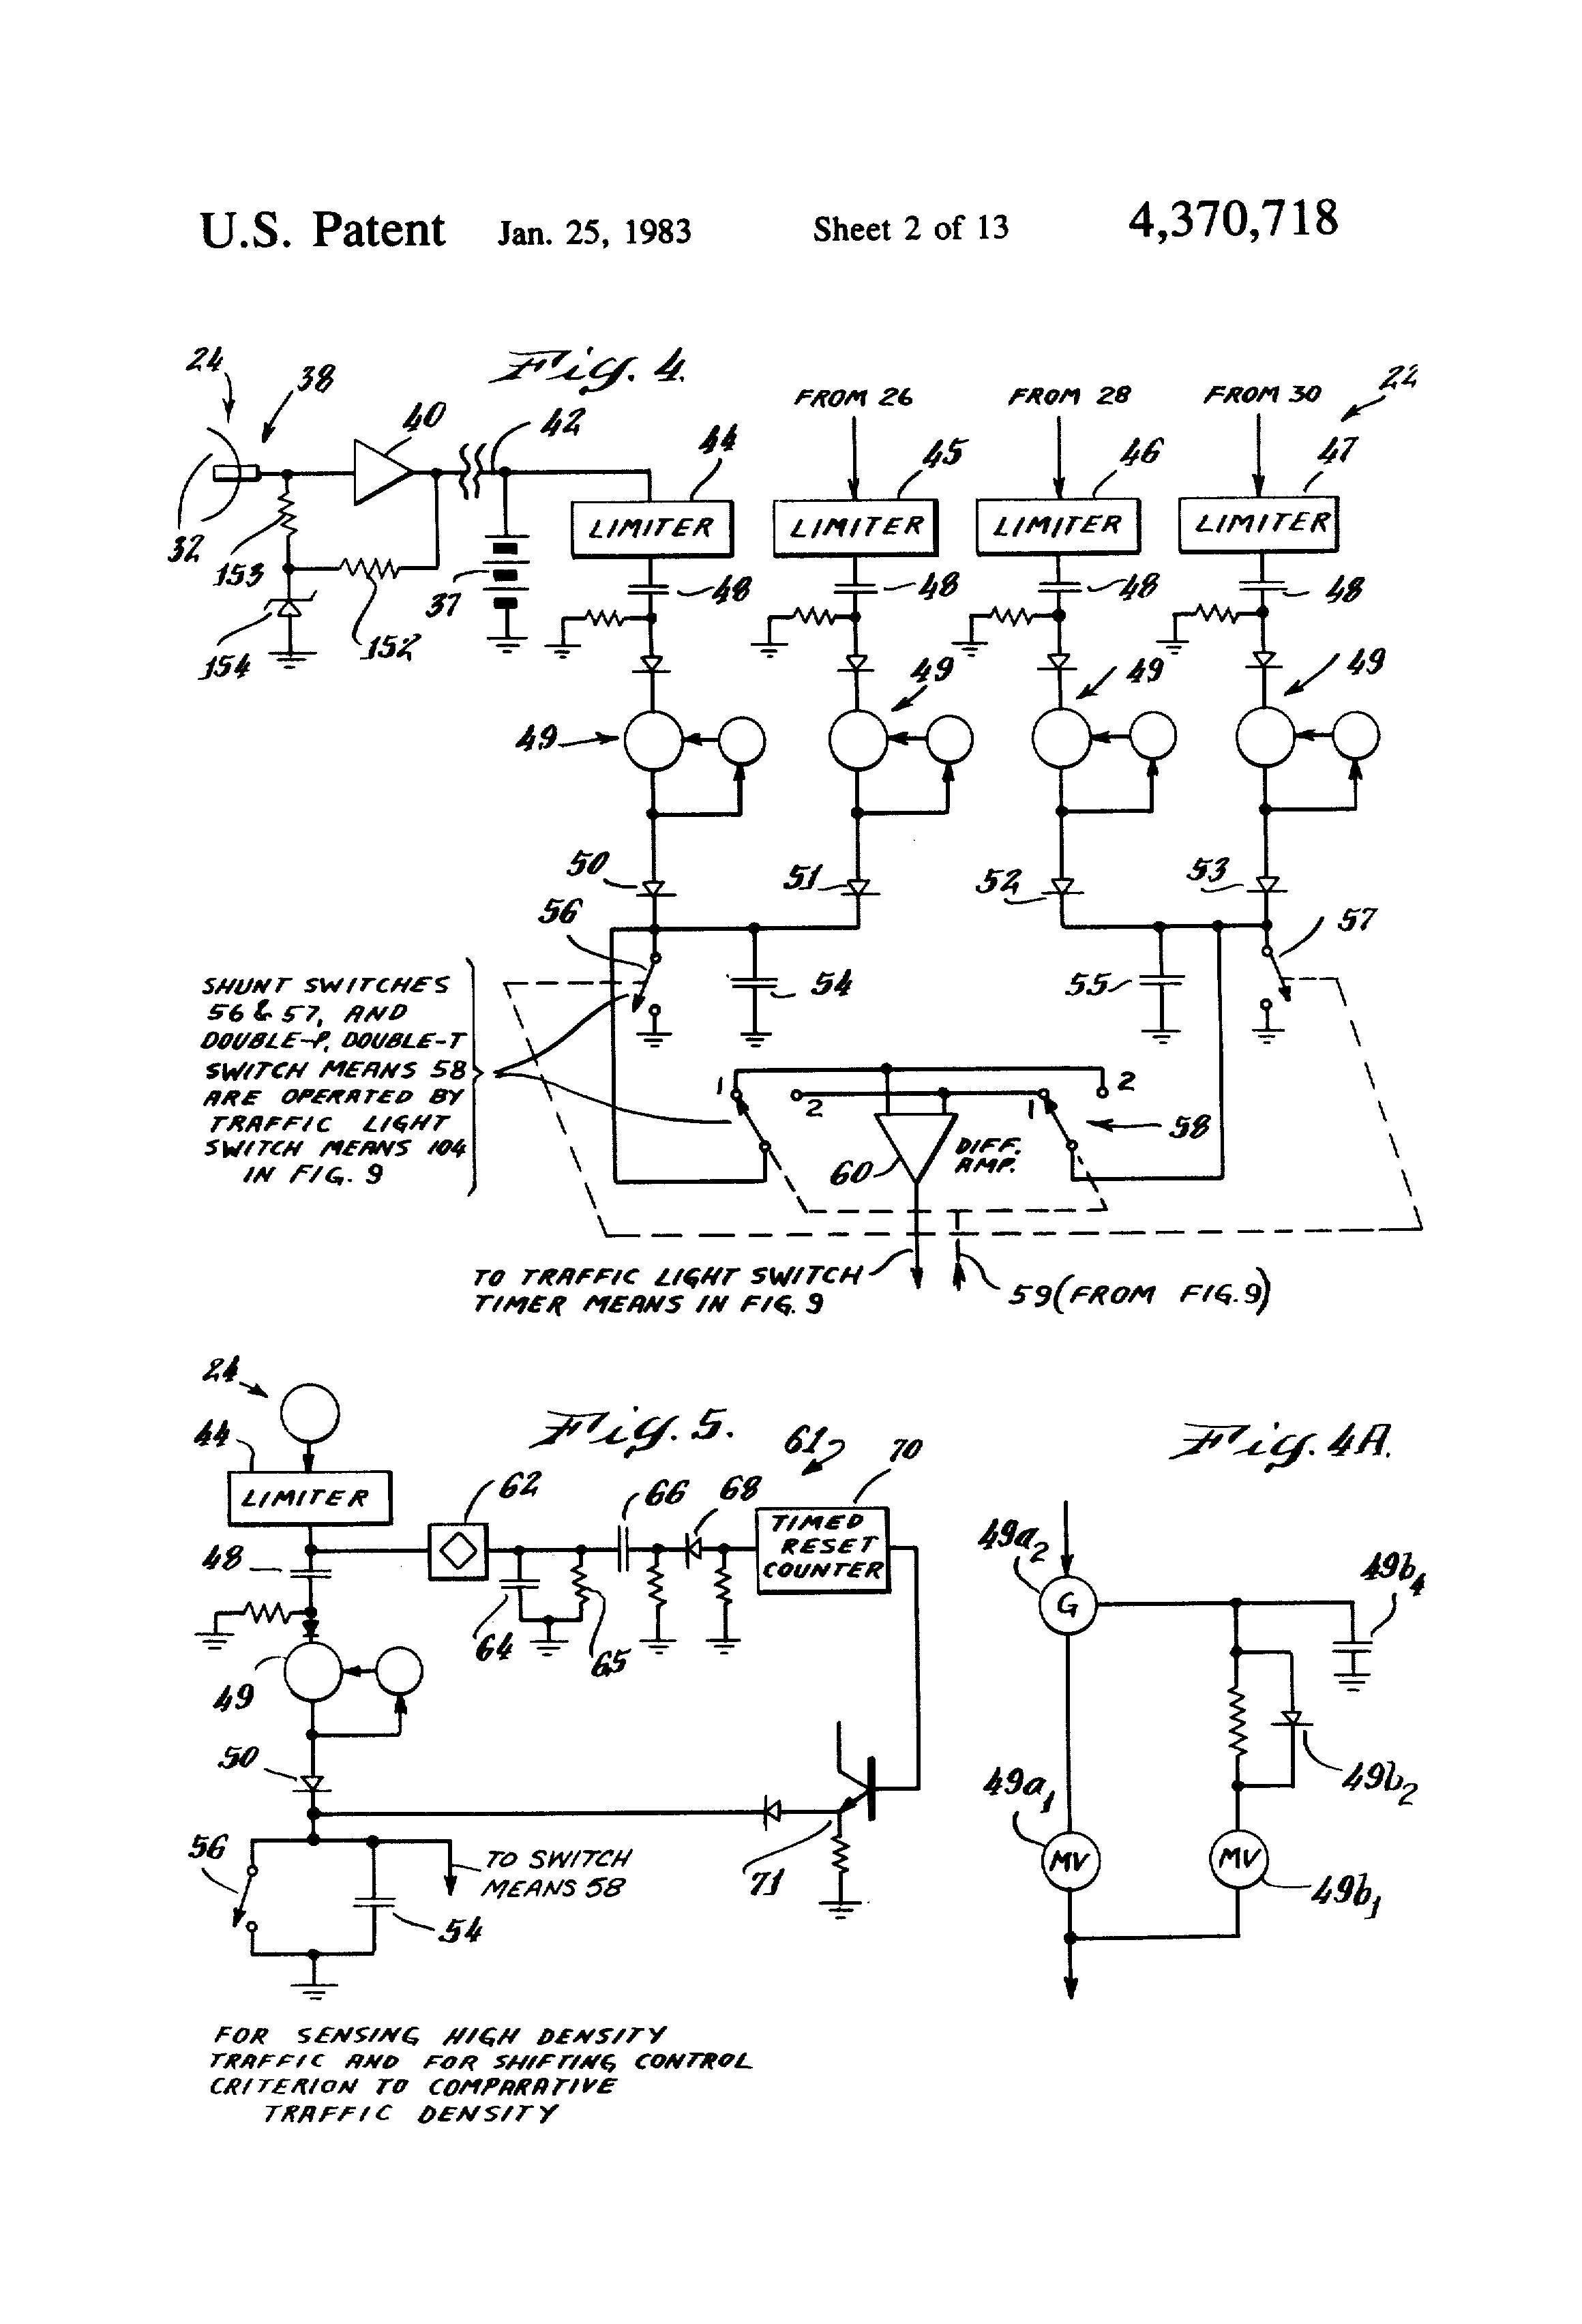 Peachy Asv Pt 80 Wiring Diagram Online Wiring Diagram Wiring Cloud Uslyletkolfr09Org